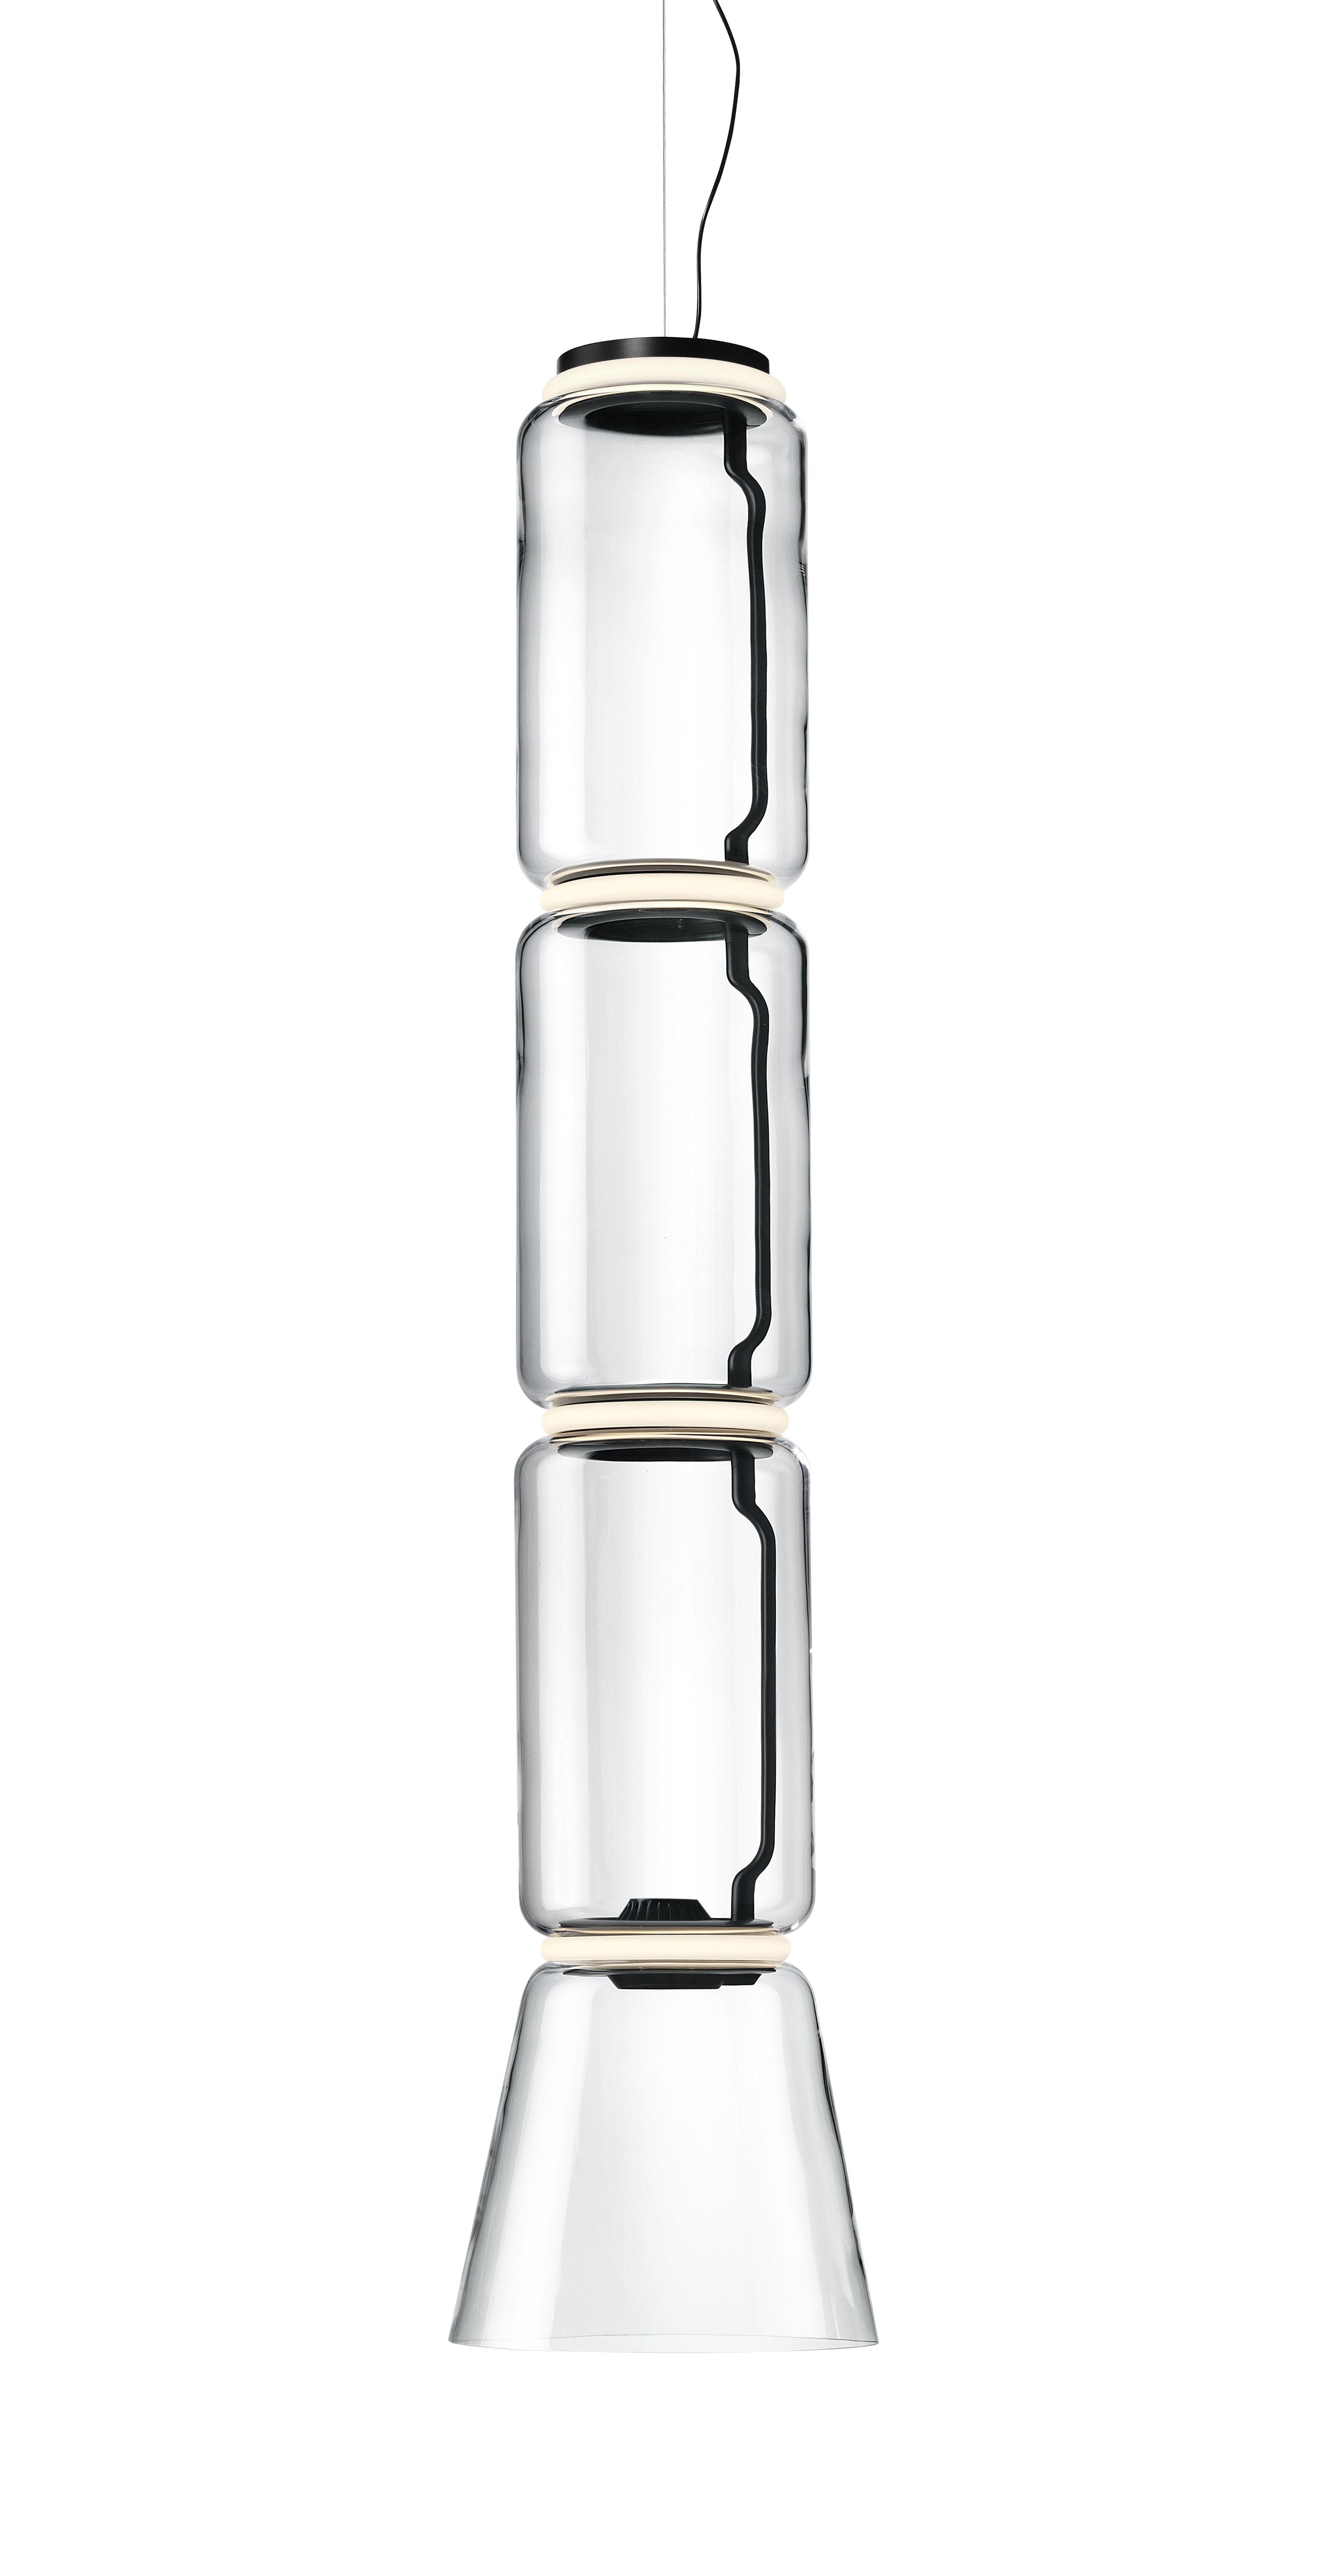 Luminaire - Suspensions - Suspension Noctambule Cône n°3 / LED - Ø 36 x H 172 cm - Flos - H 172 cm / Transparent - Acier, Fonte d'aluminium, Verre soufflé